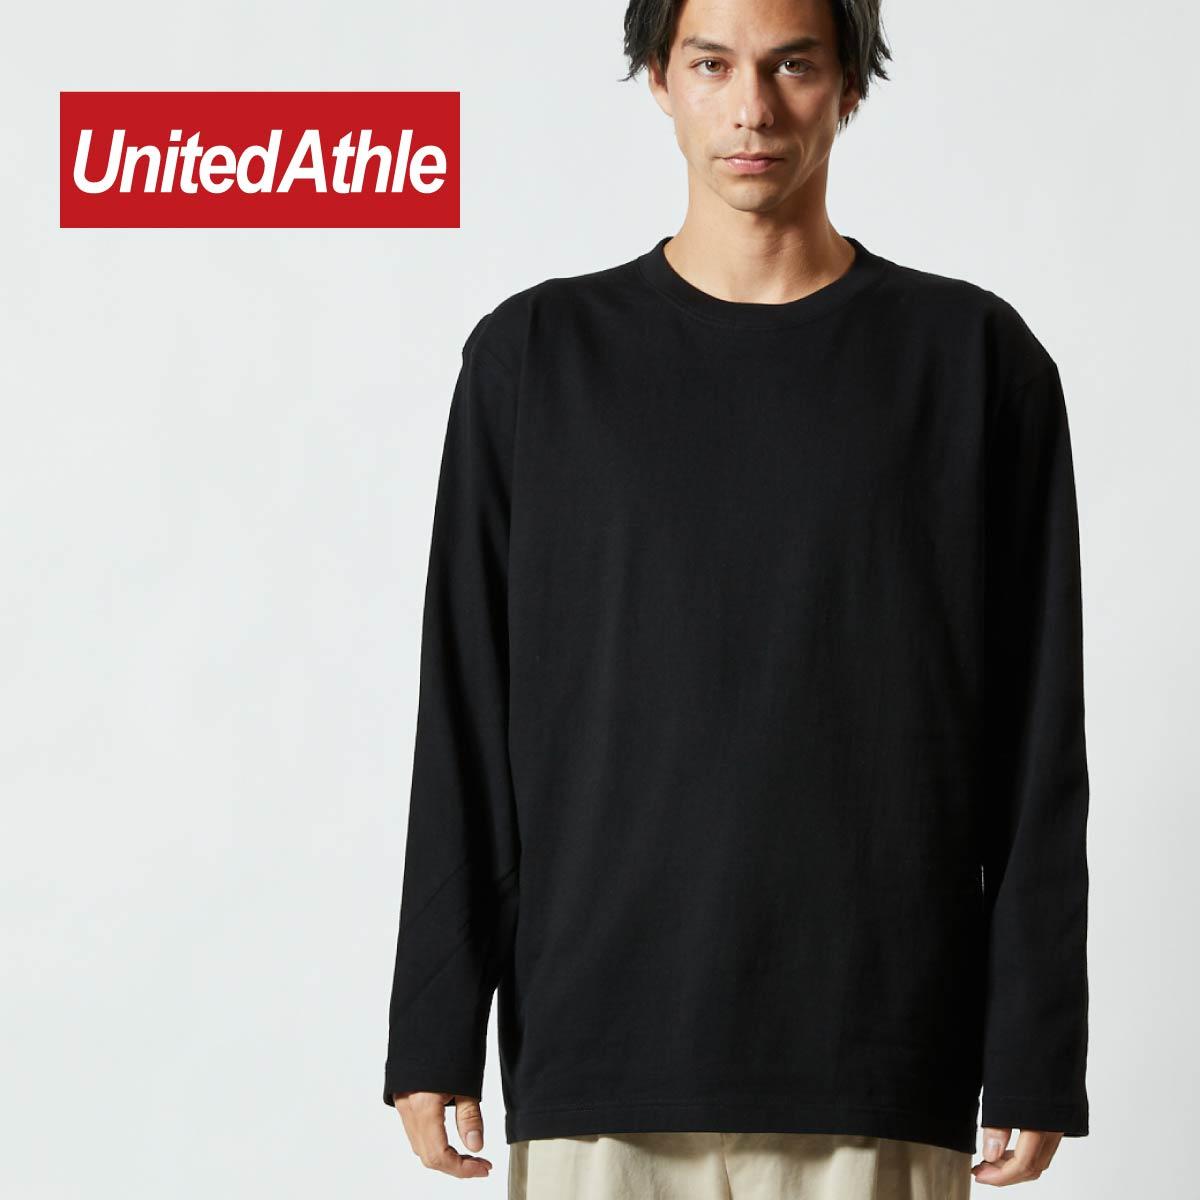 ロンT 無地 Tシャツ 長袖 メンズ 袖リブなし S-XL 長袖tシャツ メンズ 無地 United Athle ユナイテッドアスレ 5.6オンス ロングスリーブTシャツ 5010-01 男女兼用 ロンティー イベント お揃い ユニフォーム